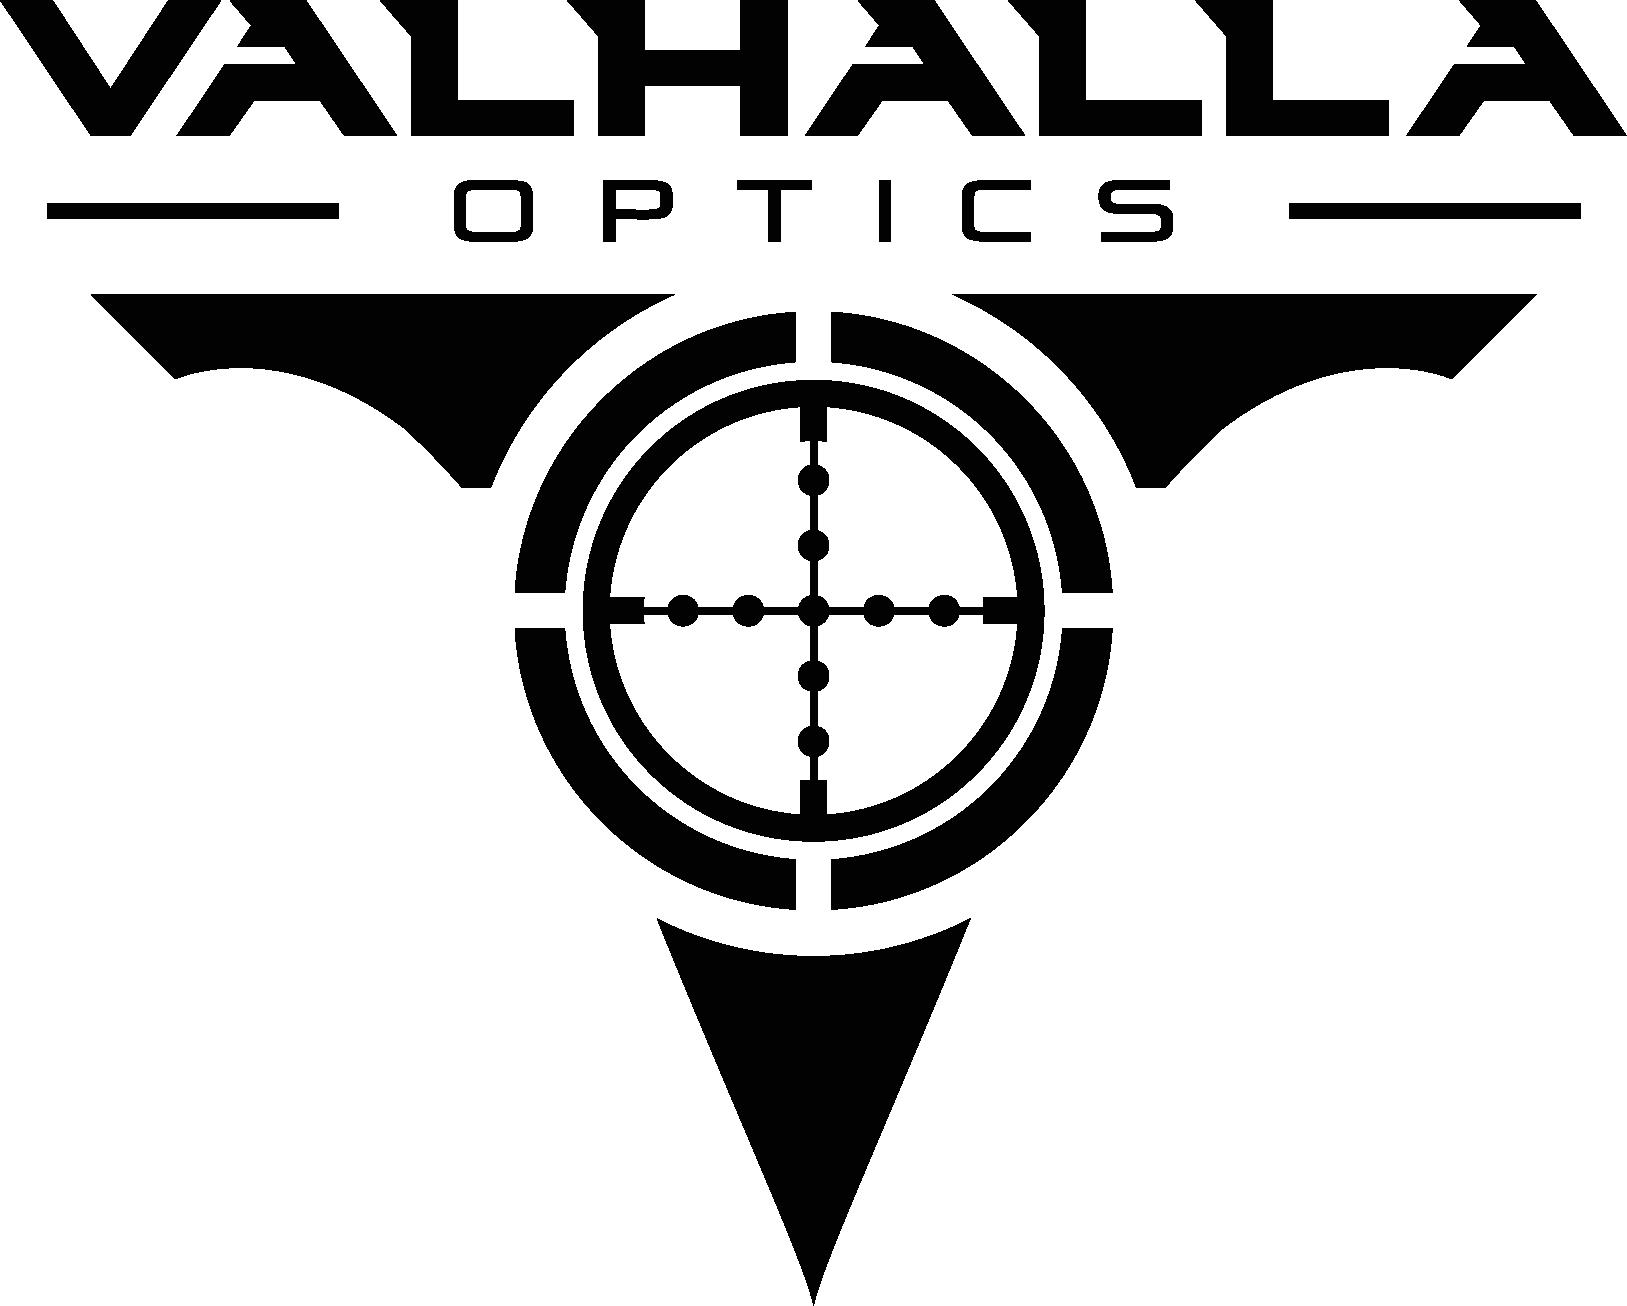 Valhalla Optics Riflescope coat of arms